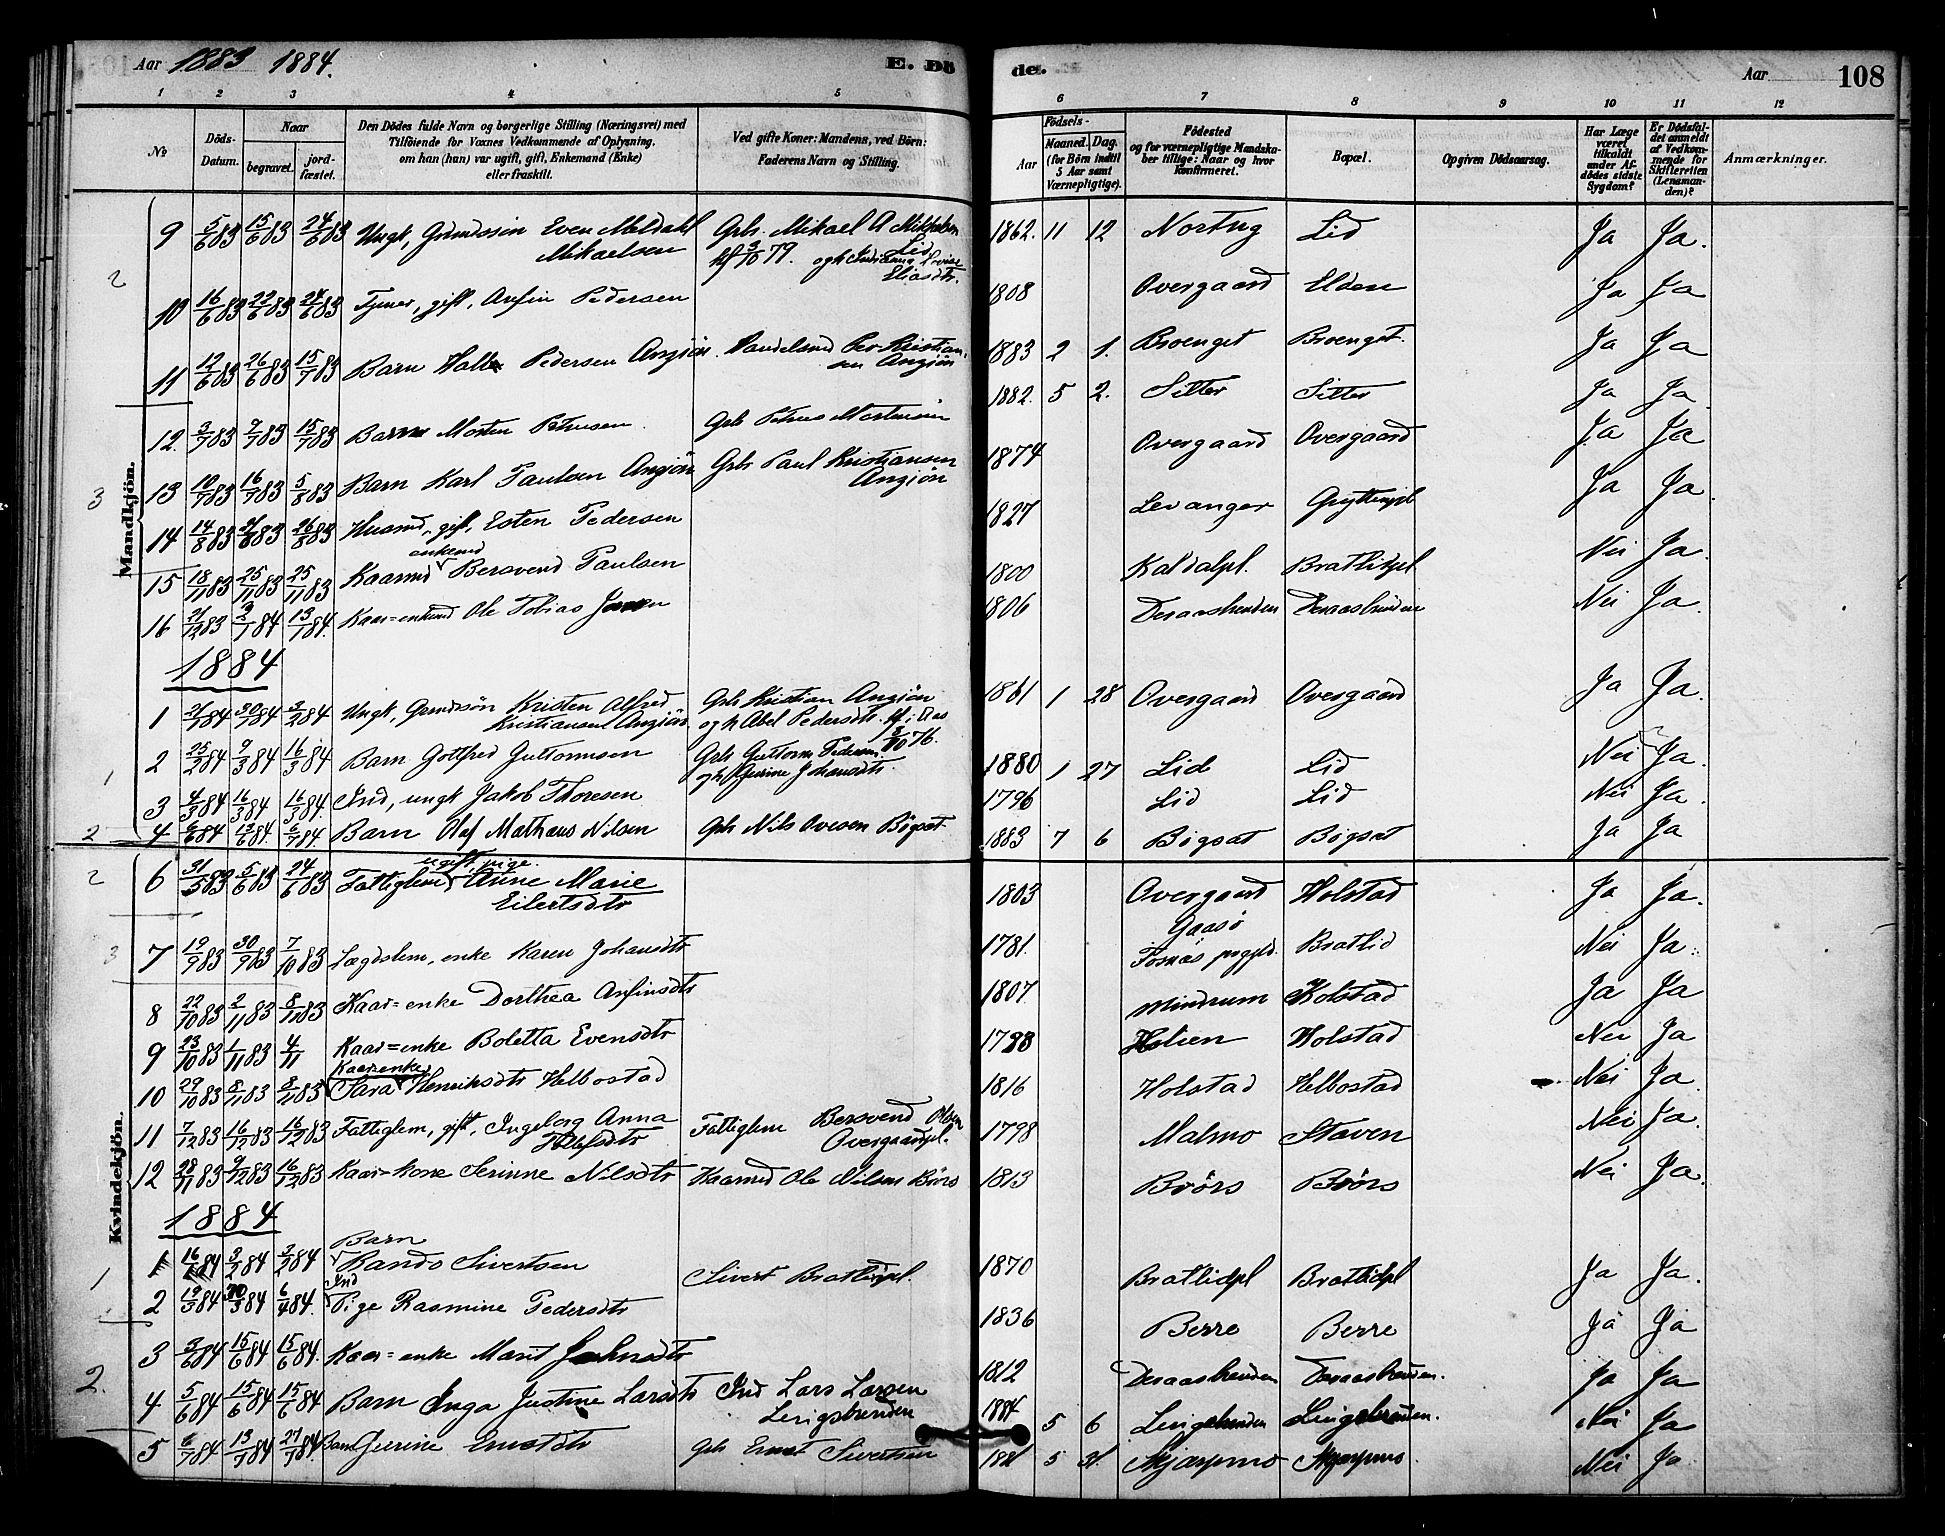 SAT, Ministerialprotokoller, klokkerbøker og fødselsregistre - Nord-Trøndelag, 742/L0408: Ministerialbok nr. 742A01, 1878-1890, s. 108